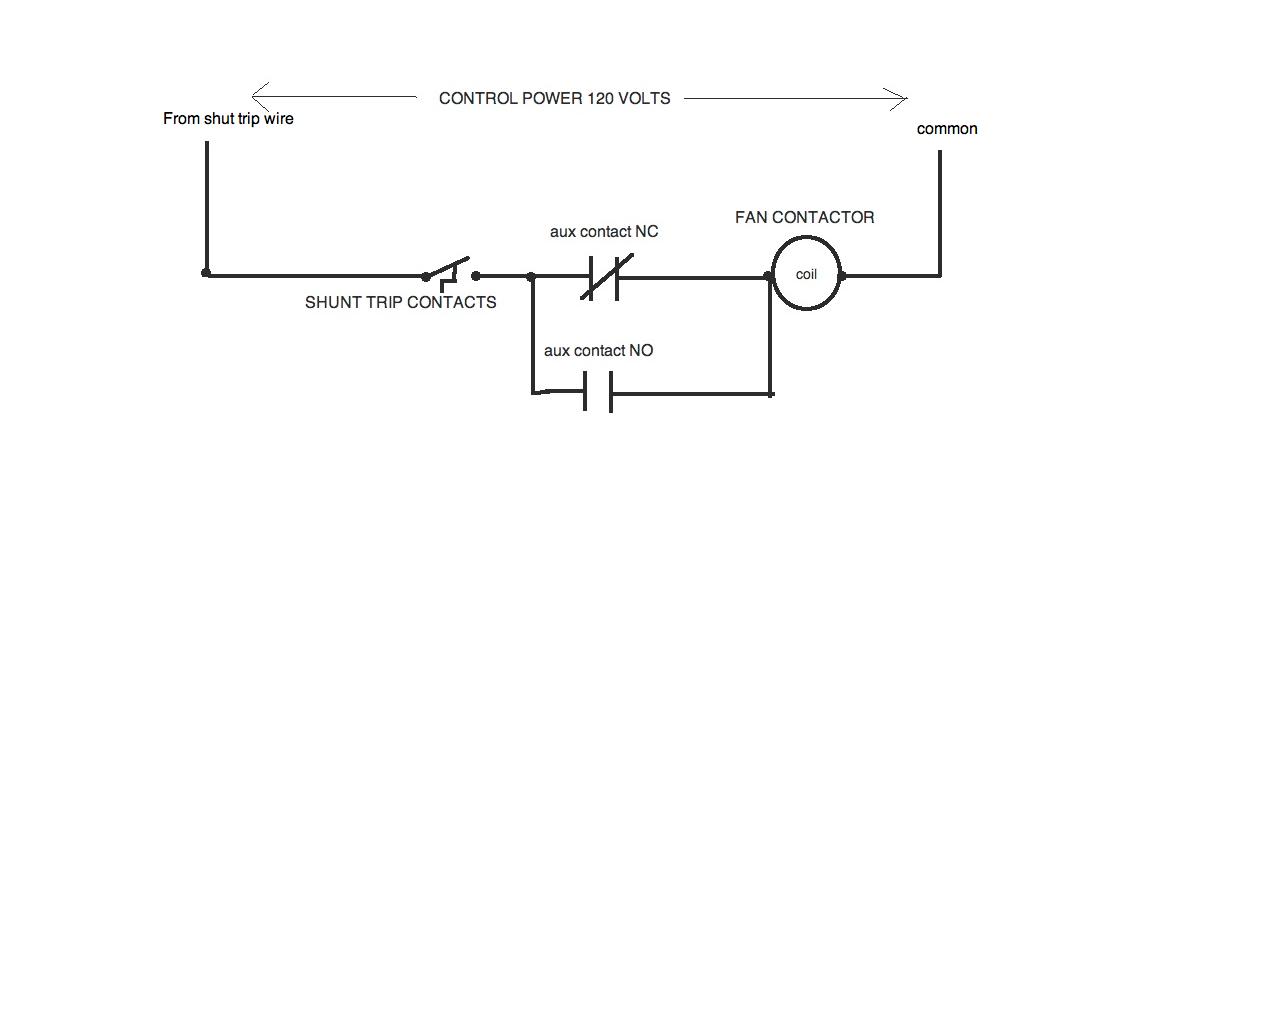 contact wire diagram ea 2374  wire square d shunt diagram wiring diagram  wire square d shunt diagram wiring diagram